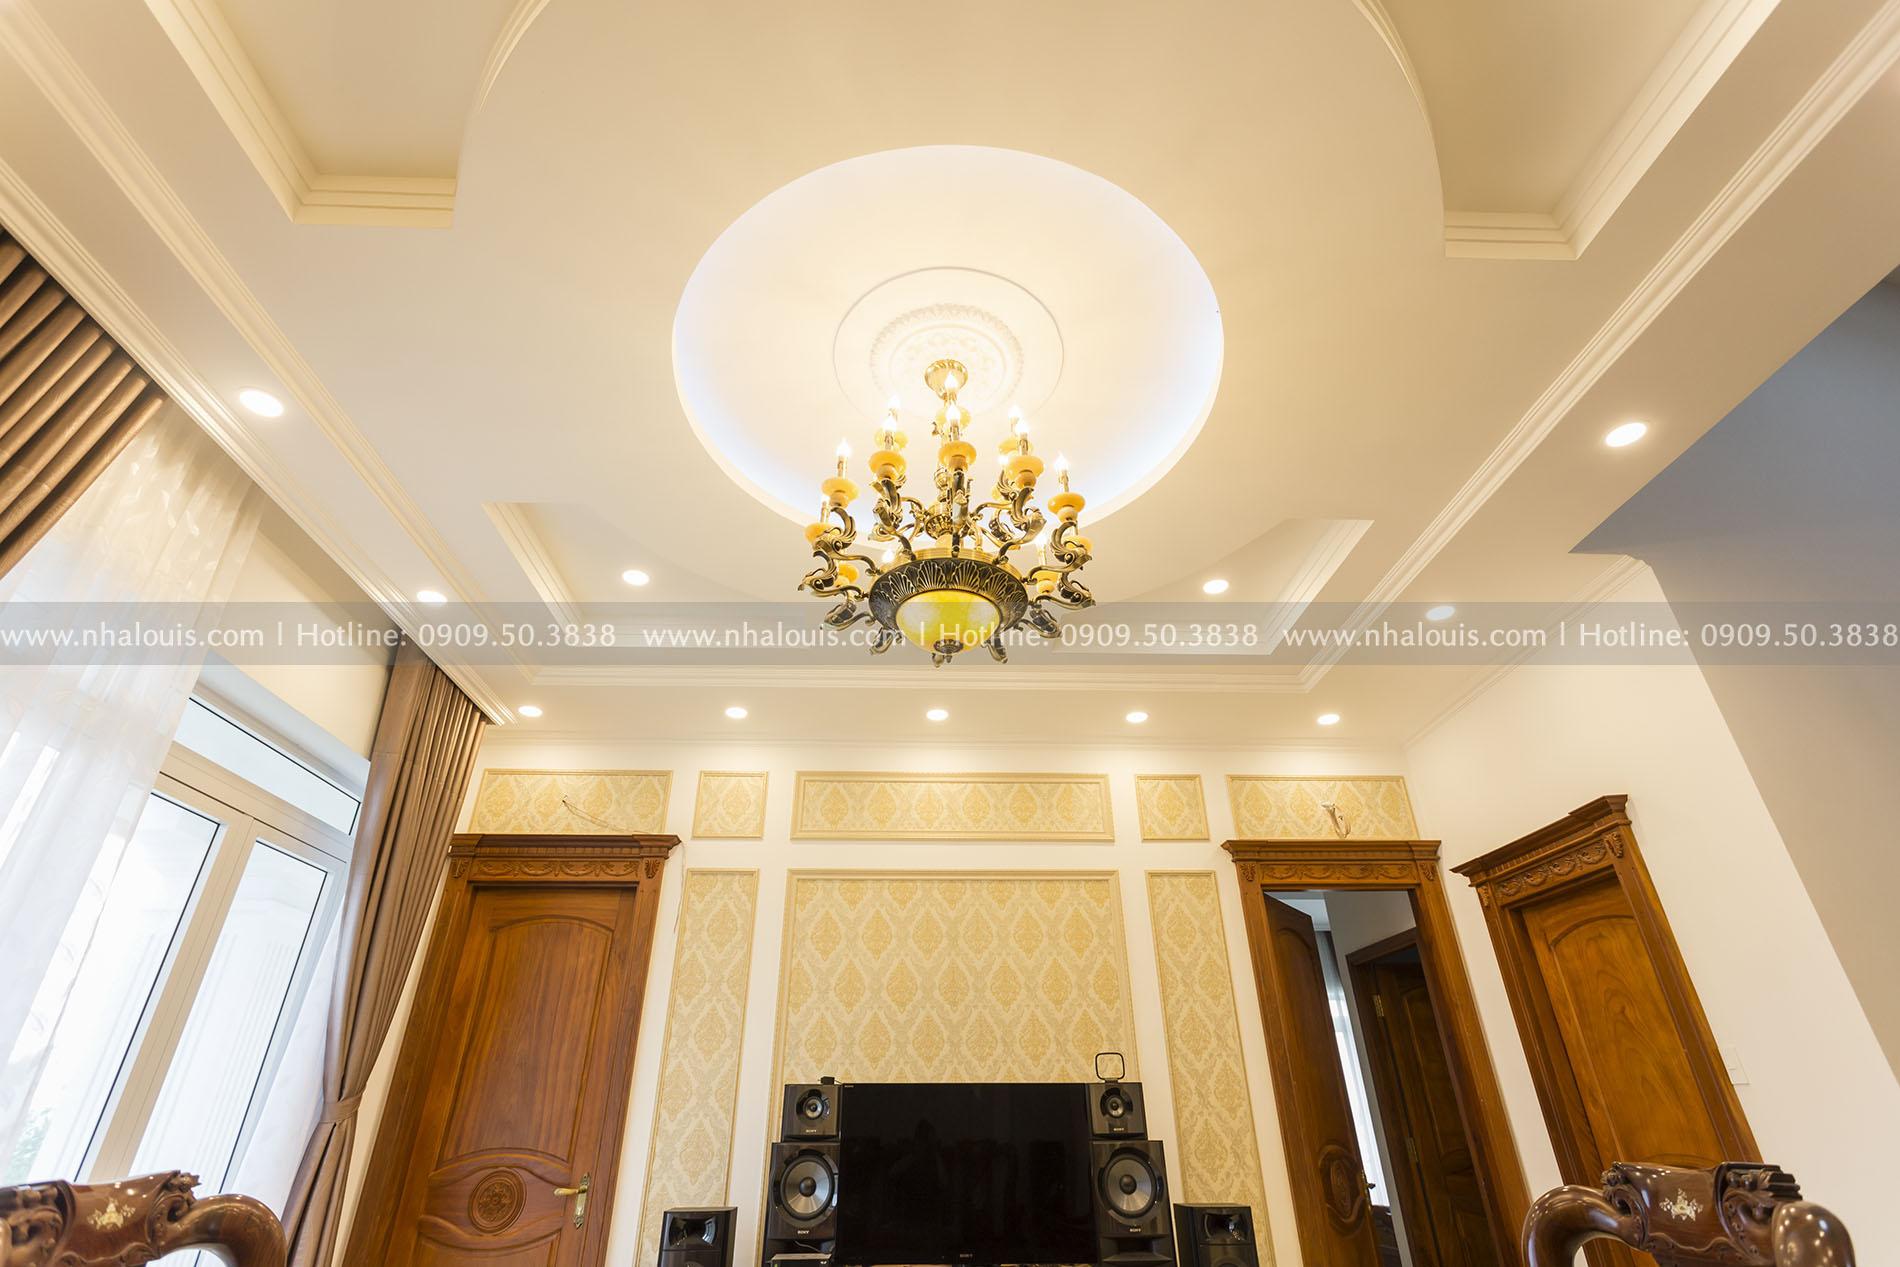 Biệt thự 2 tầng cổ điển lộng lẫy và sang trọng tại Hóc Môn